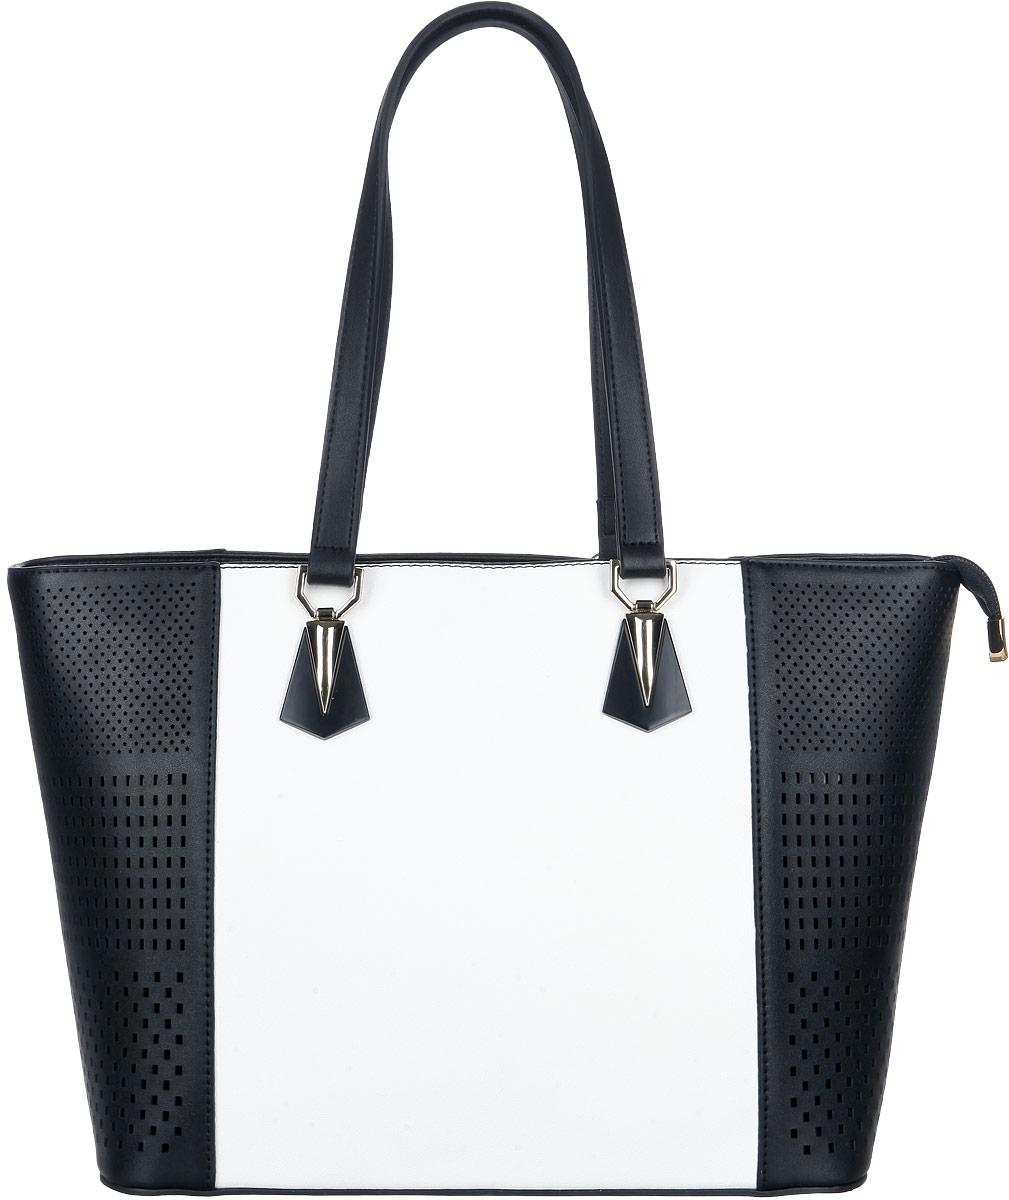 Сумка женская Orsa Oro, цвет: черный, белый. D-225/29D-225/29Изысканная женская сумка Orsa Oro выполнена из экокожи с перфорацией. Сумка закрывается на замок-молнию. Удобные ручки крепятся к корпусу сумки на металлическую фурнитуру золотистого цвета. Вместительное внутреннее отделение содержит два накладных кармана для телефона и мелких принадлежностей и врезной карман на молнии. Практичная и стильная сумка прекрасно завершит ваш образ.